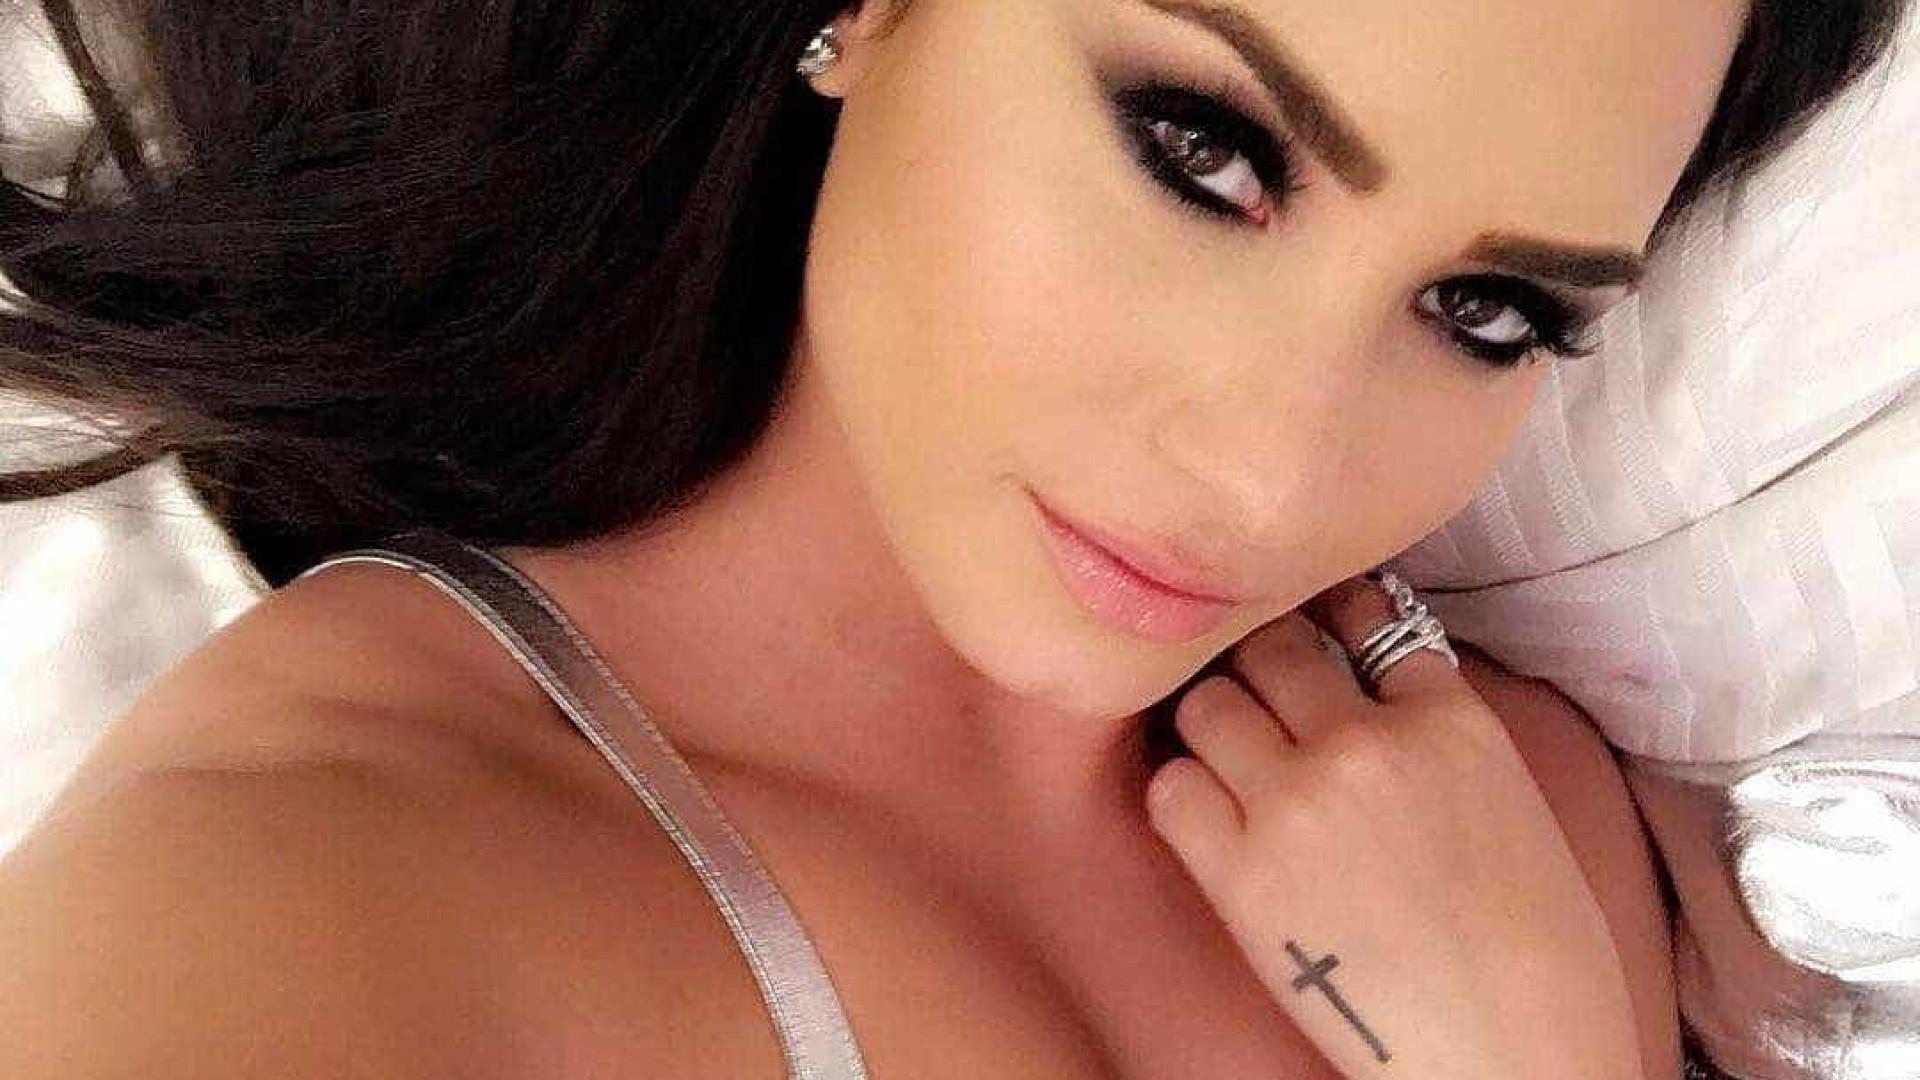 """Demi Lovato posta foto """"sem espacinho"""" entre coxas: """"continuo linda"""""""